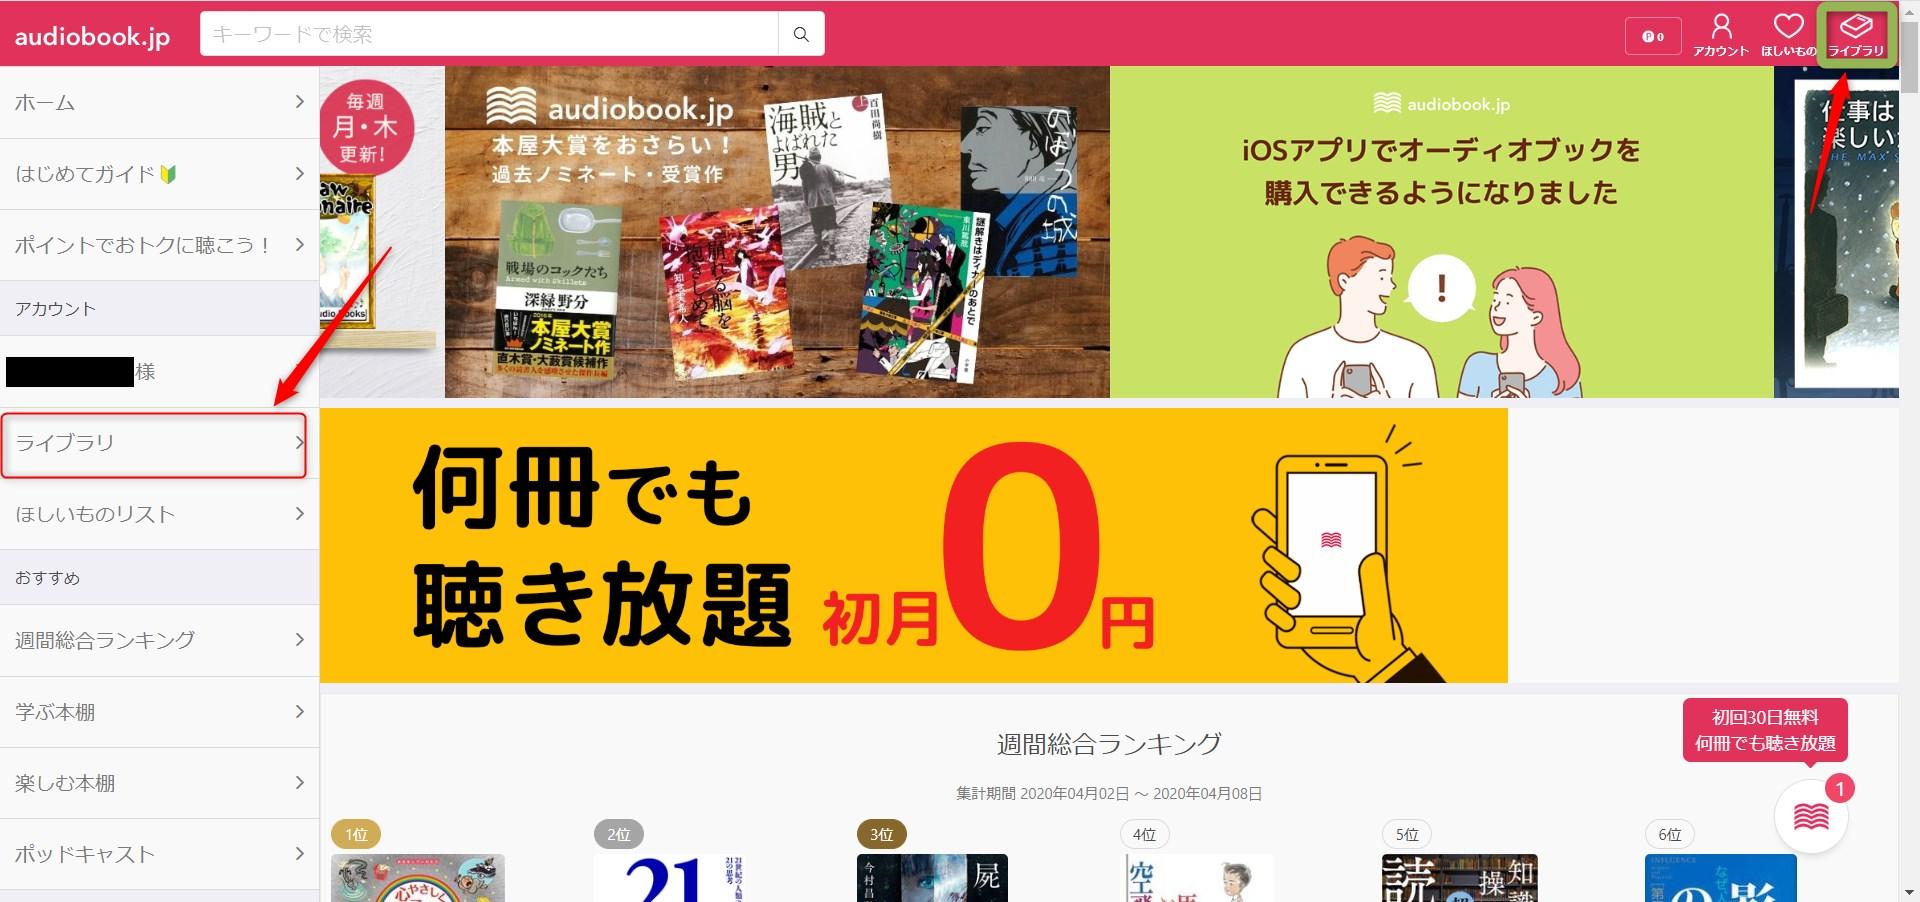 audiobook.jpライブラリ選択